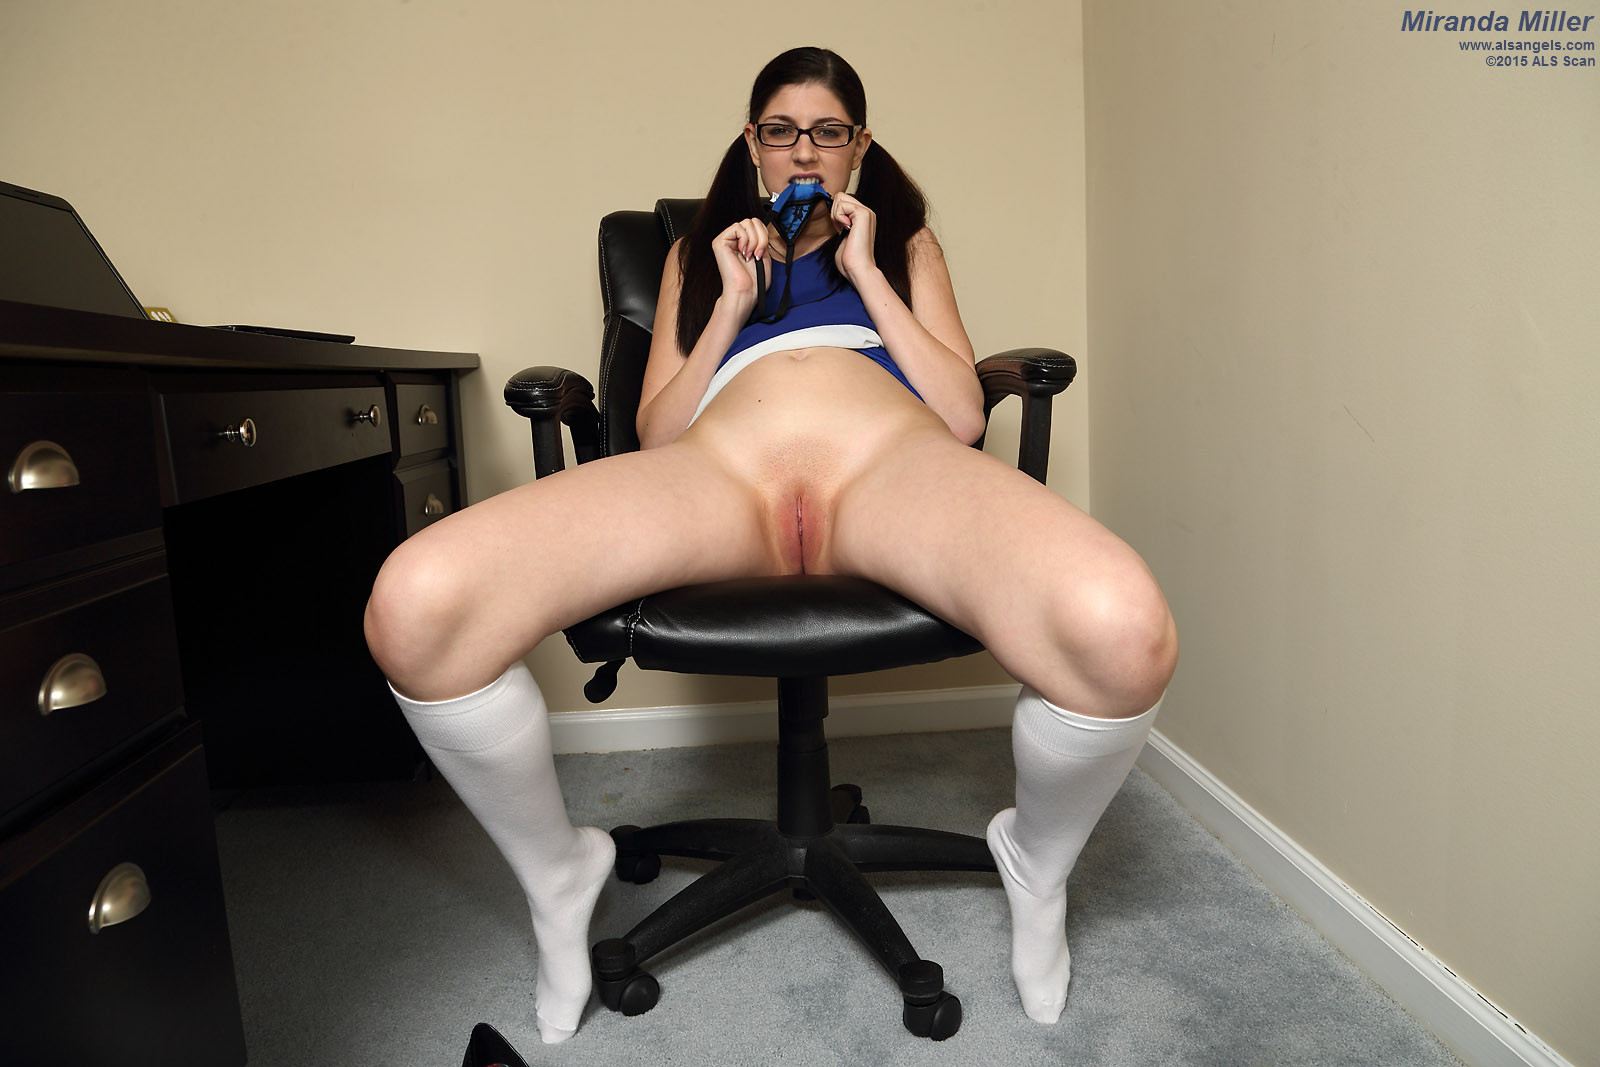 Миранда Миллер скучает на практике, она ставит толстый член на присоске на стол и насаживается на него киской